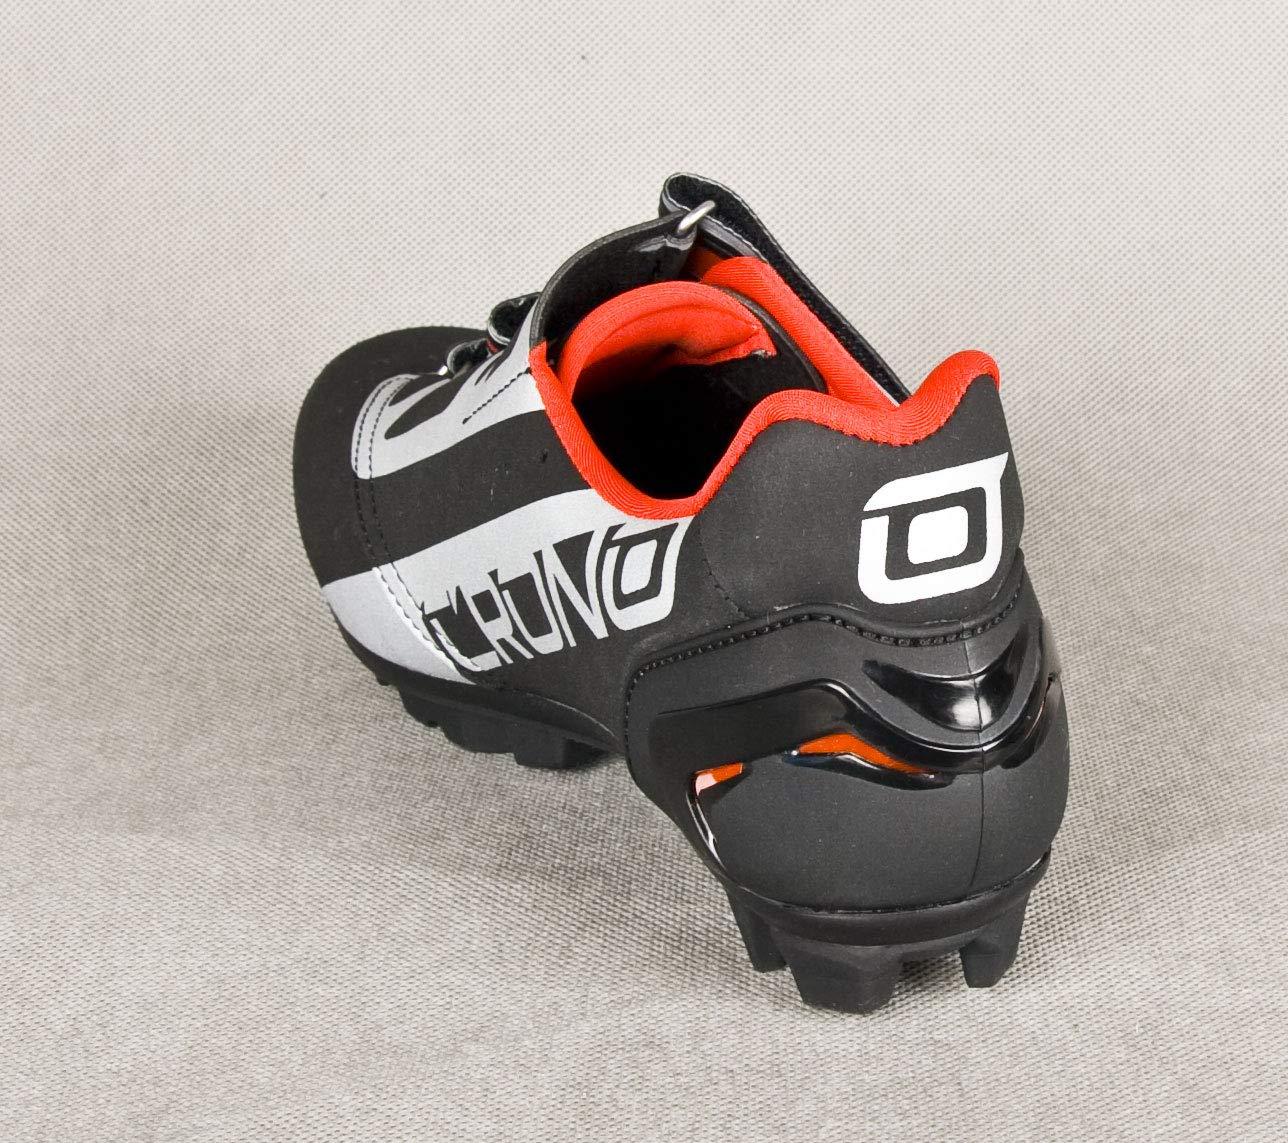 CRONO Spirit Herren Herren Herren MTB Schuhe Fahrradschuhe Mountainbikeschuhe 6a90b6